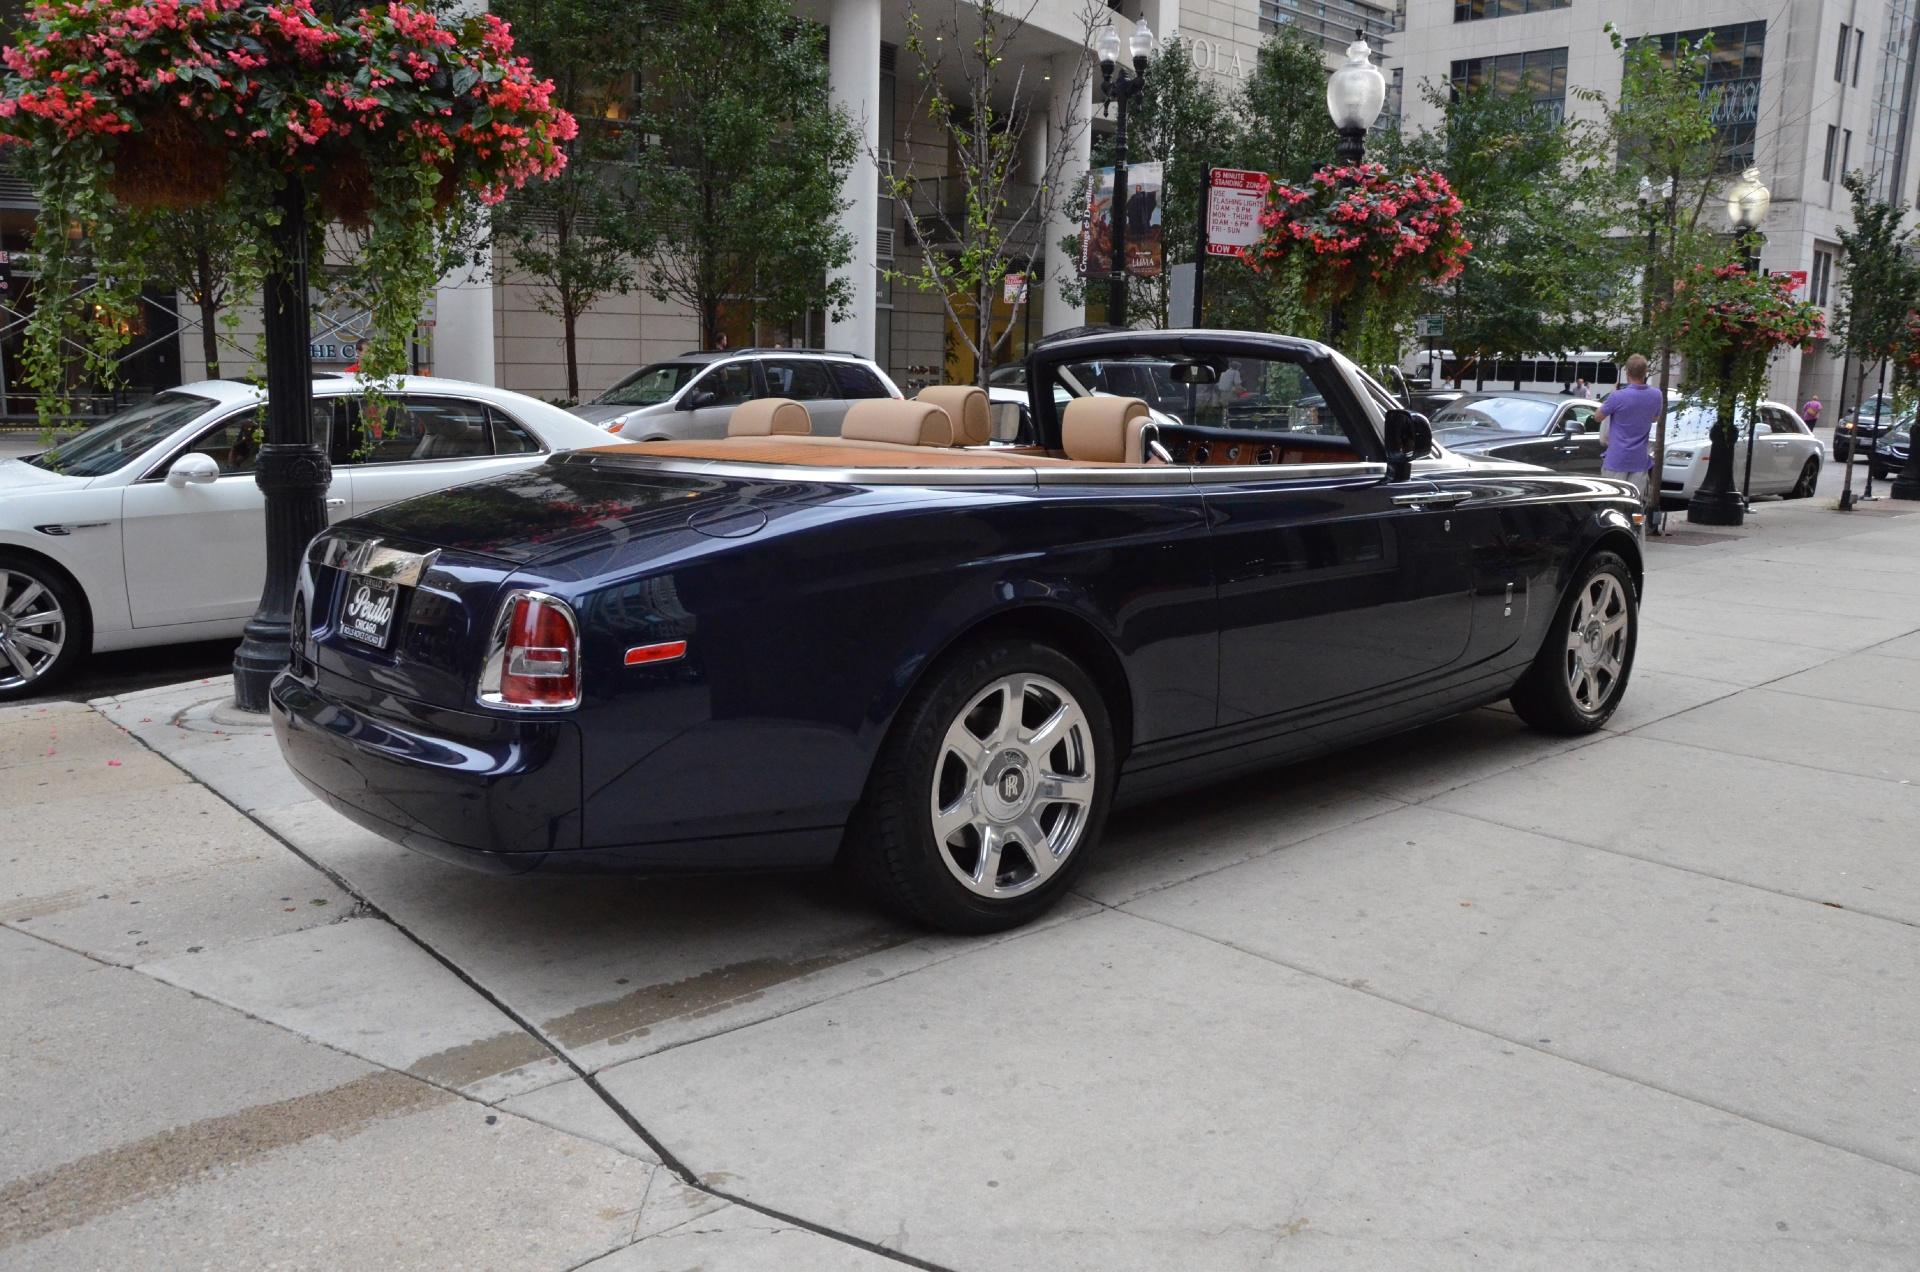 2010 rolls royce phantom drophead coupe stock gc1351ab - Rolls royce phantom drophead coupe for sale ...